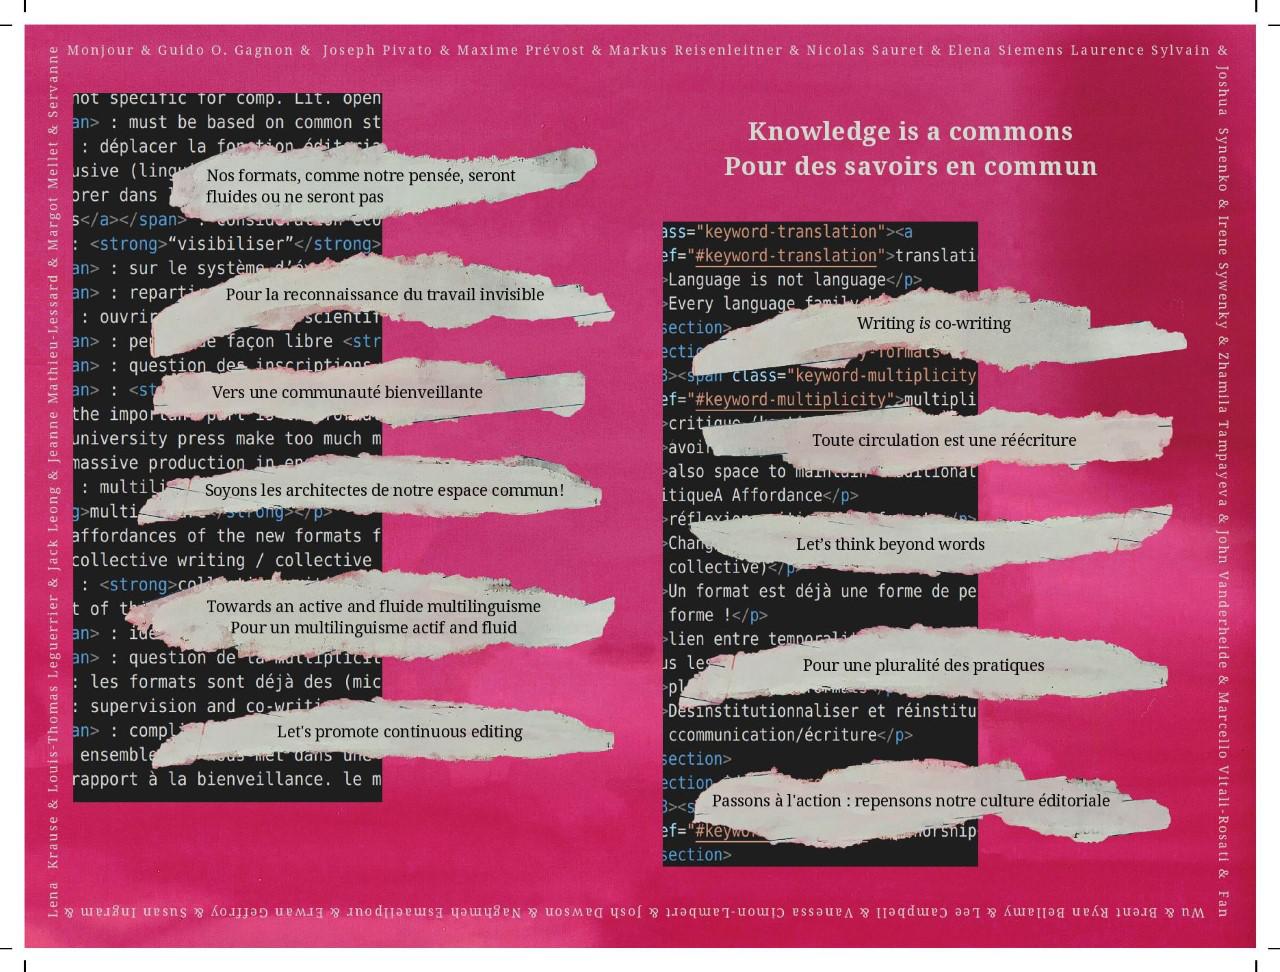 Knowledge is a commons - Pour des savoirs en commun - Sens public